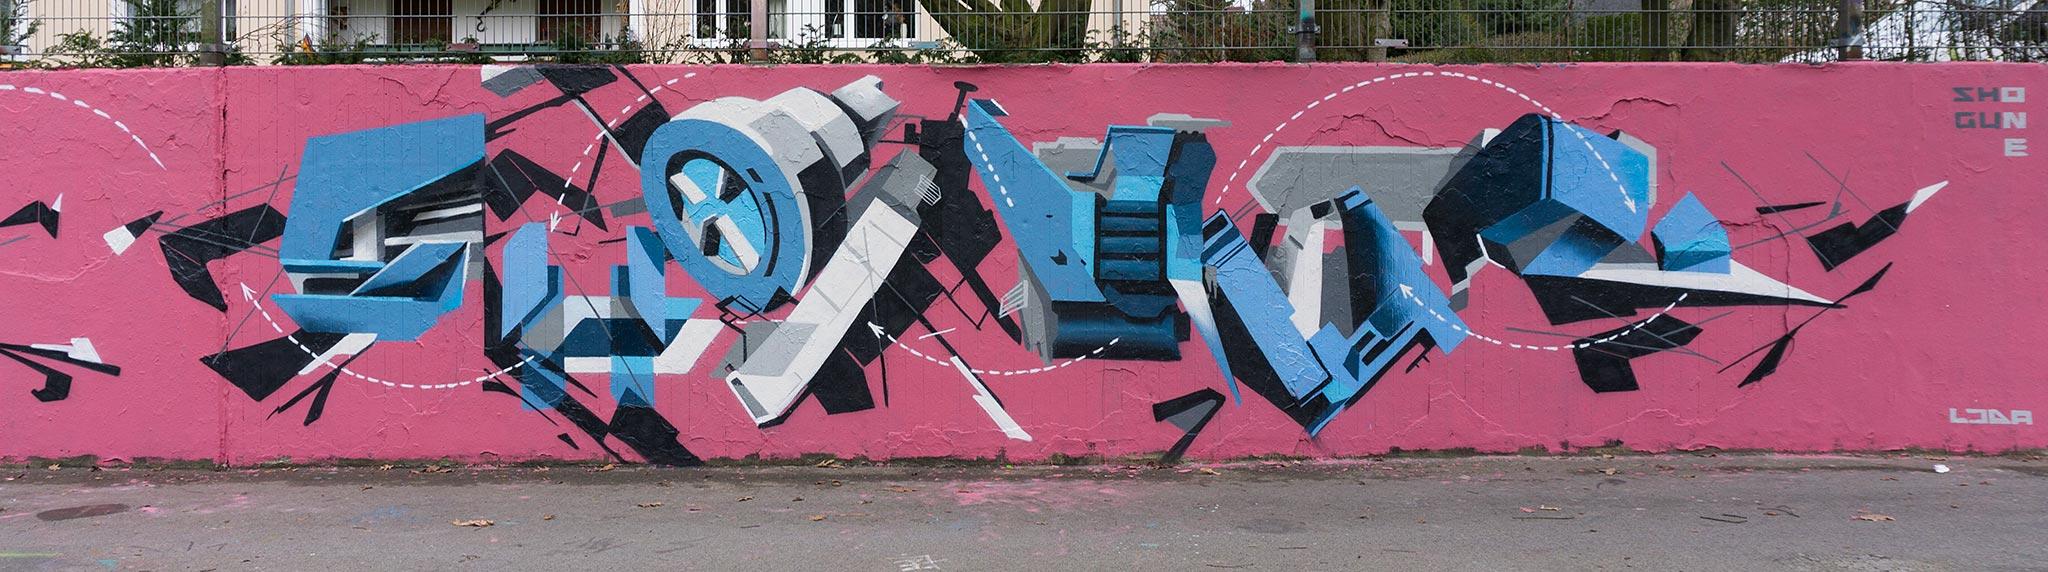 shogun_graffiti_monheim_ljda_2016_1